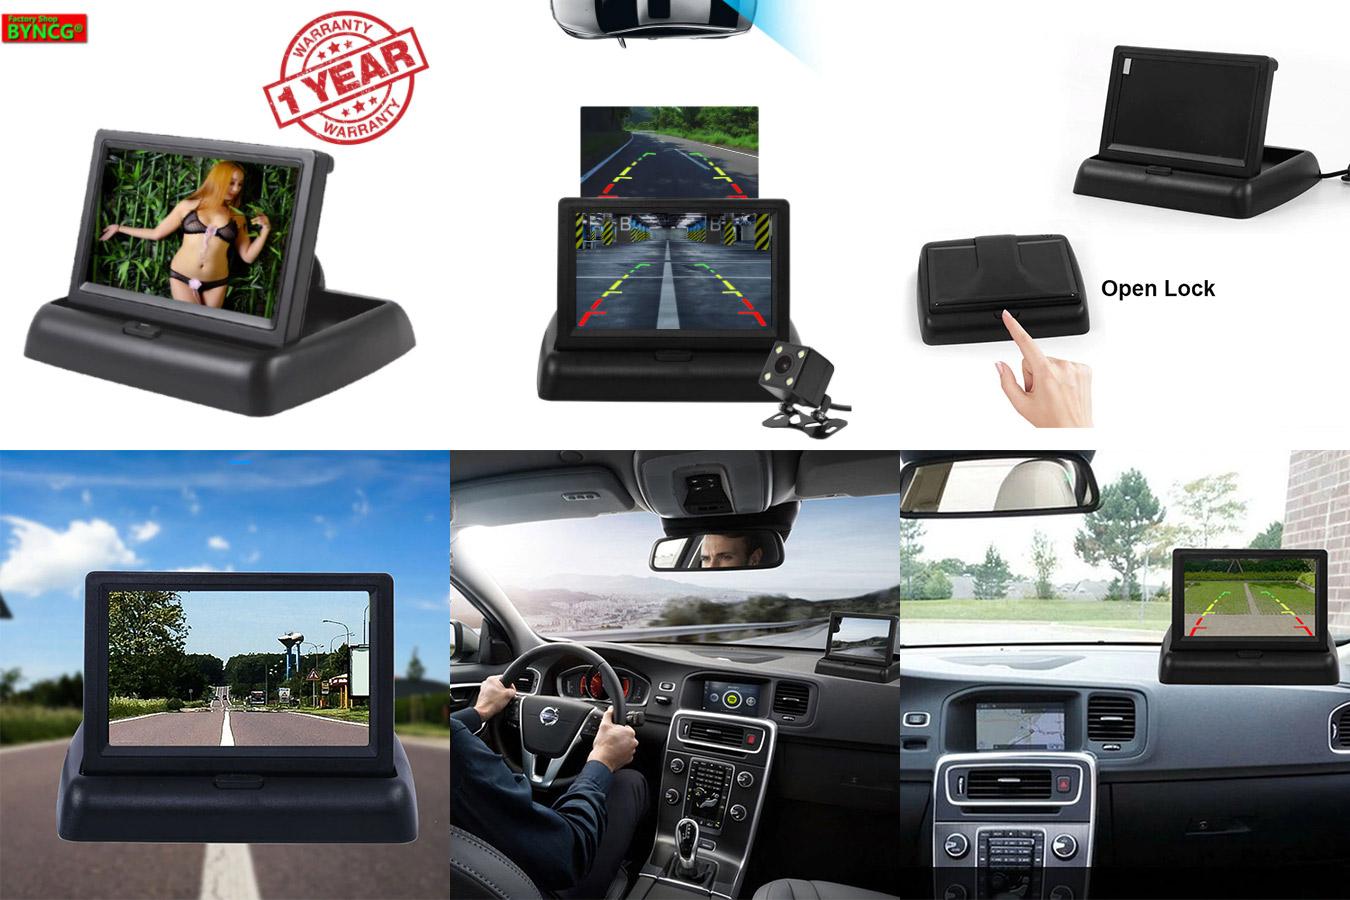 ЖК-дисплей для авто с функцией показа вида сзади